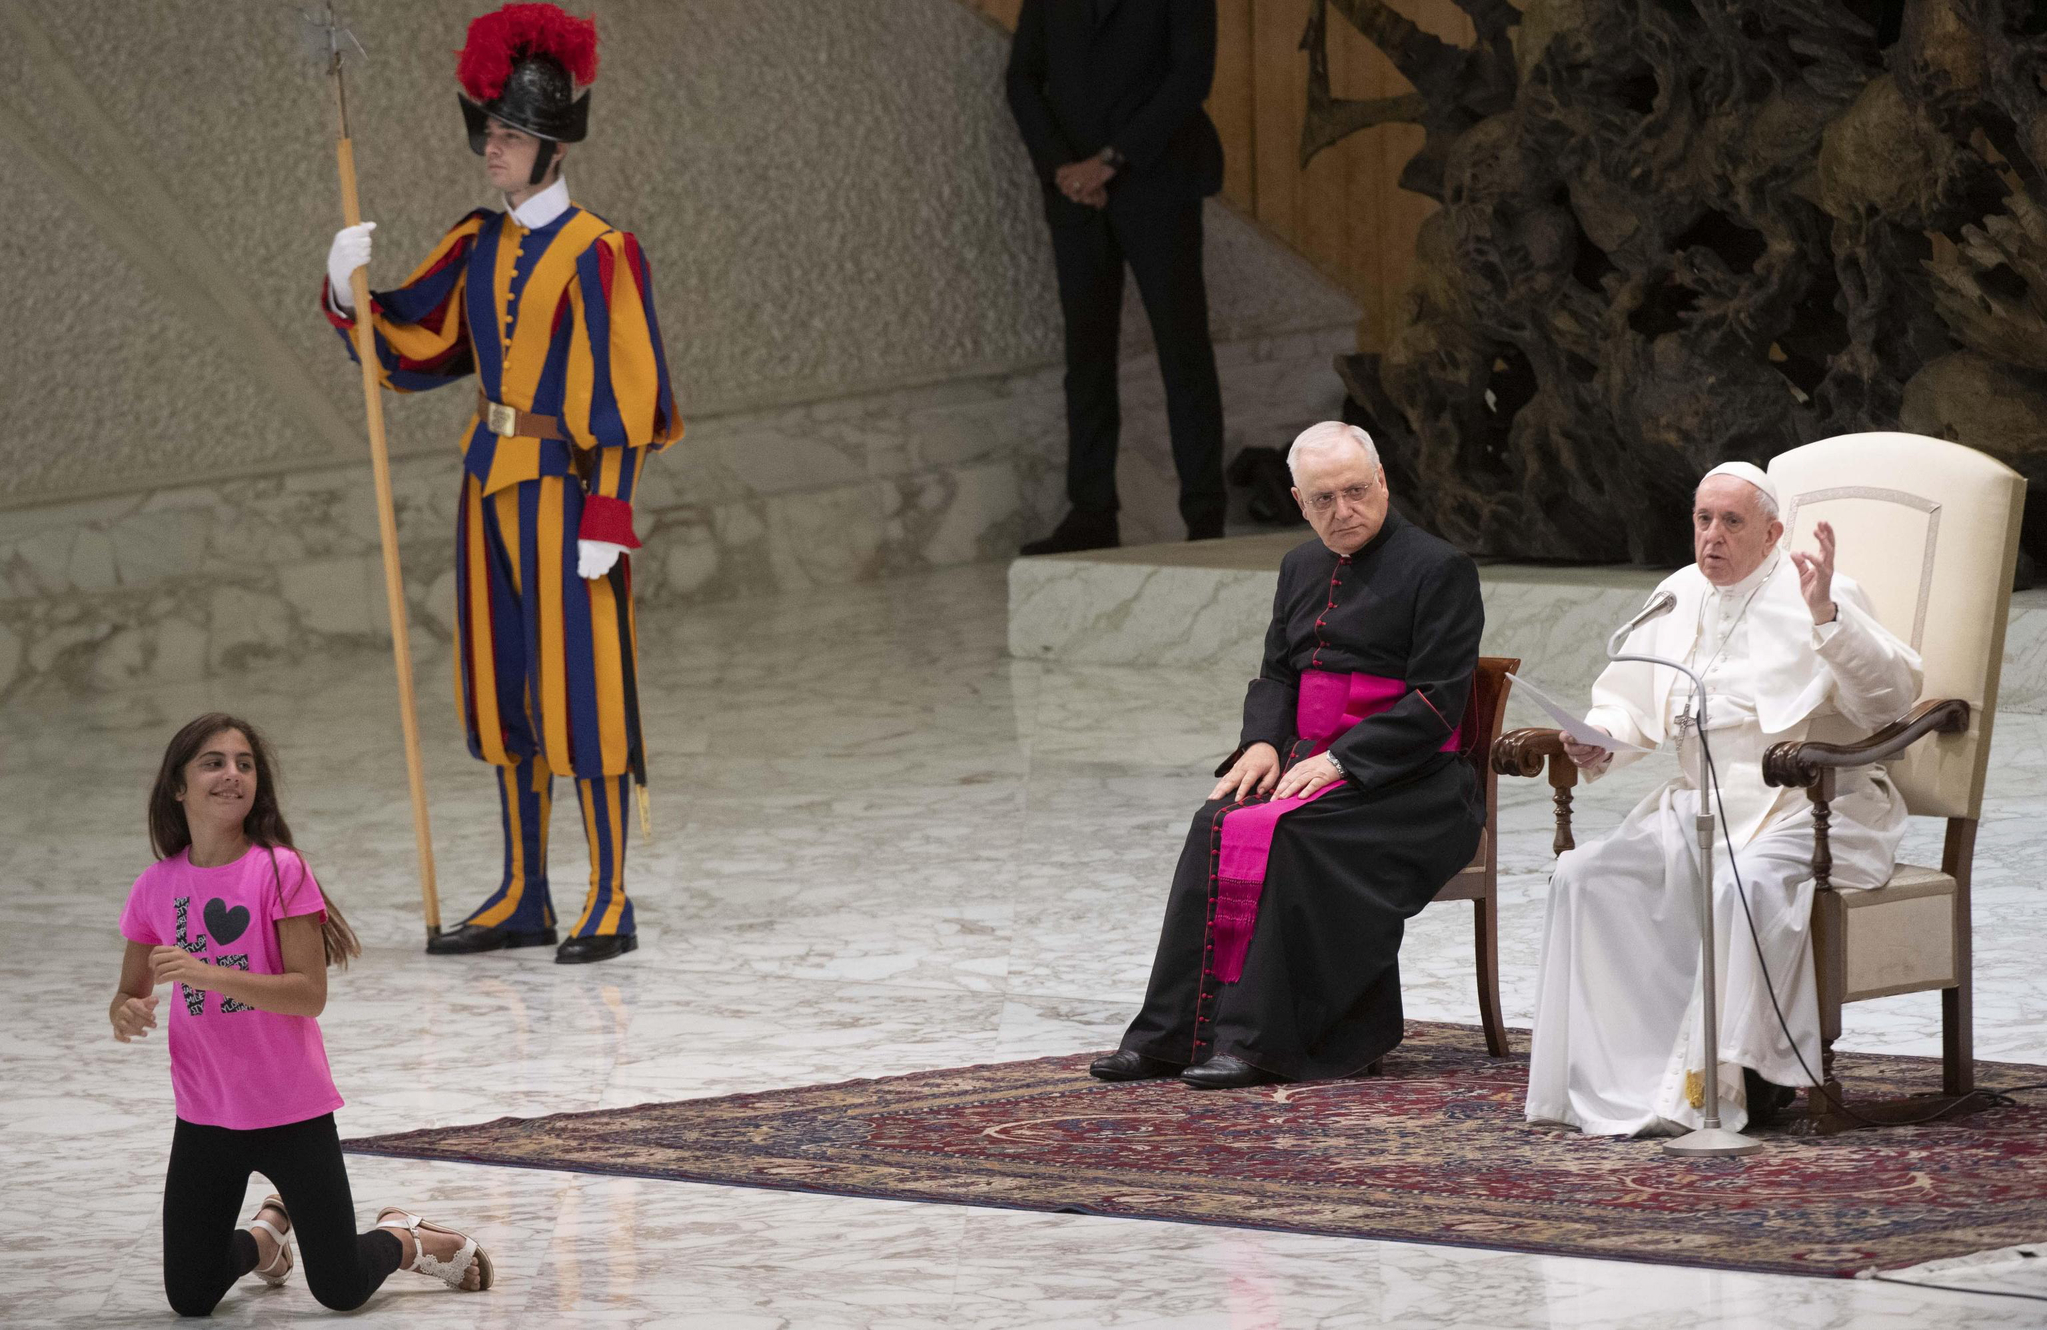 21일(현지시간) 바티칸에서 열린 일반알현에서 어린 소녀가 연단에 올라와 프란치스코 교황이 설교를 하는 동안 놀고 있다. [EPA=연합뉴스]